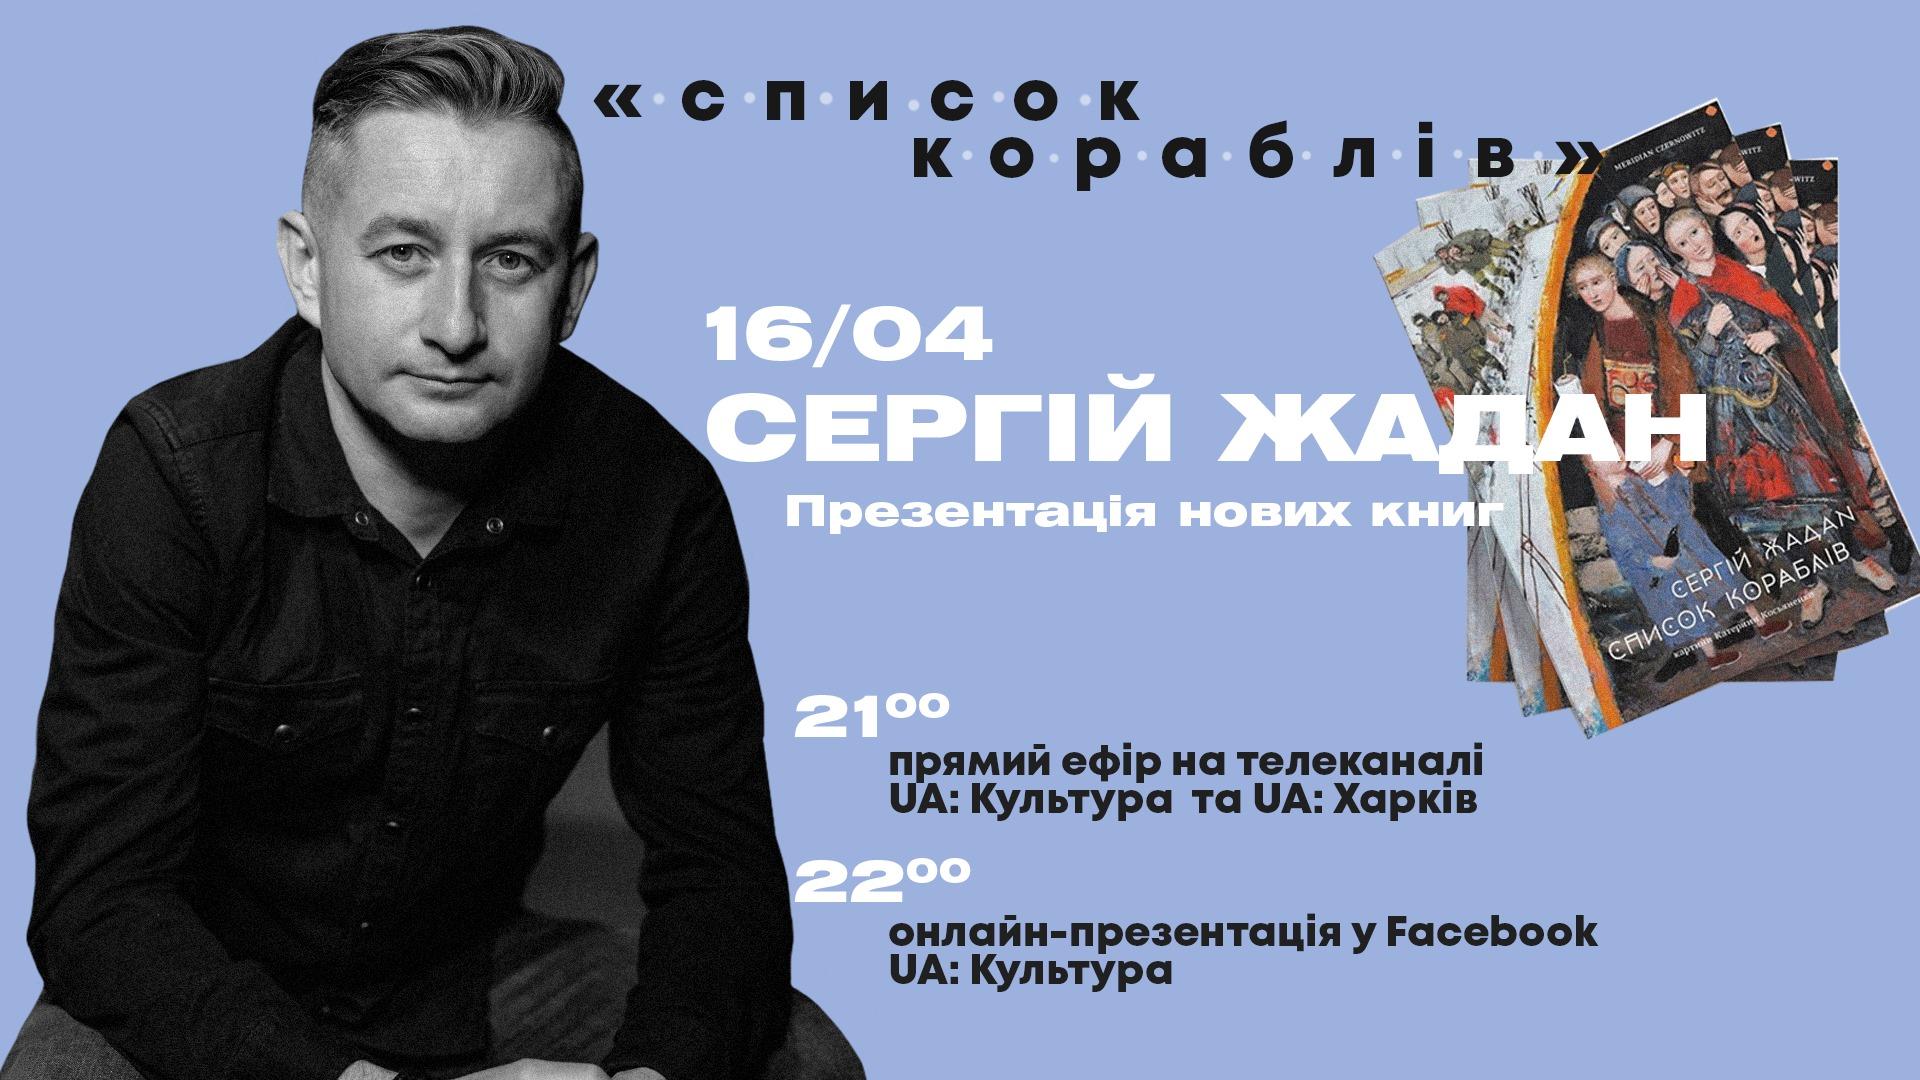 Сергій Жадан презентує онлайн